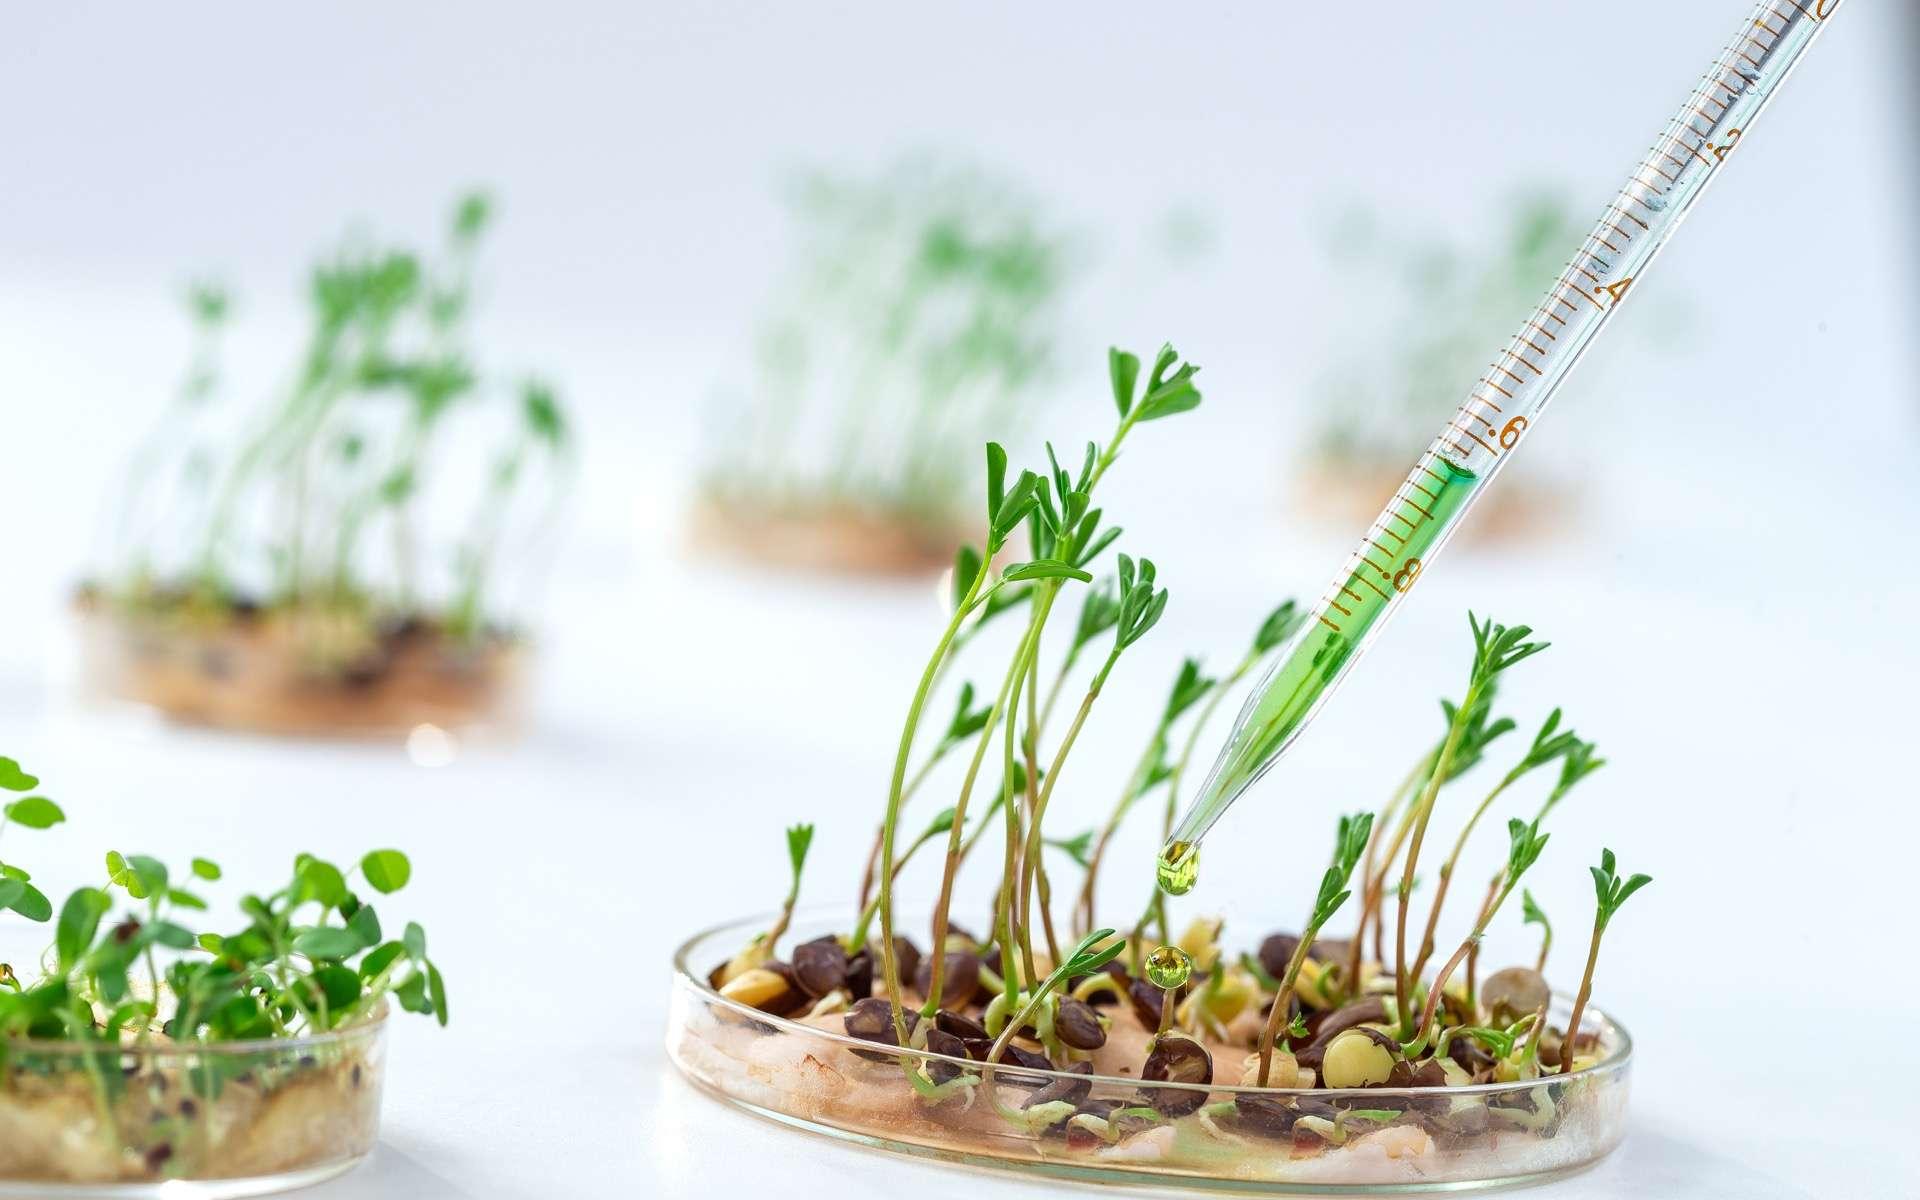 Une plante transgénique a vu son patrimoine génétique modifié de façon artificielle par l'Homme. © JPC-PROD, Adobe Stock